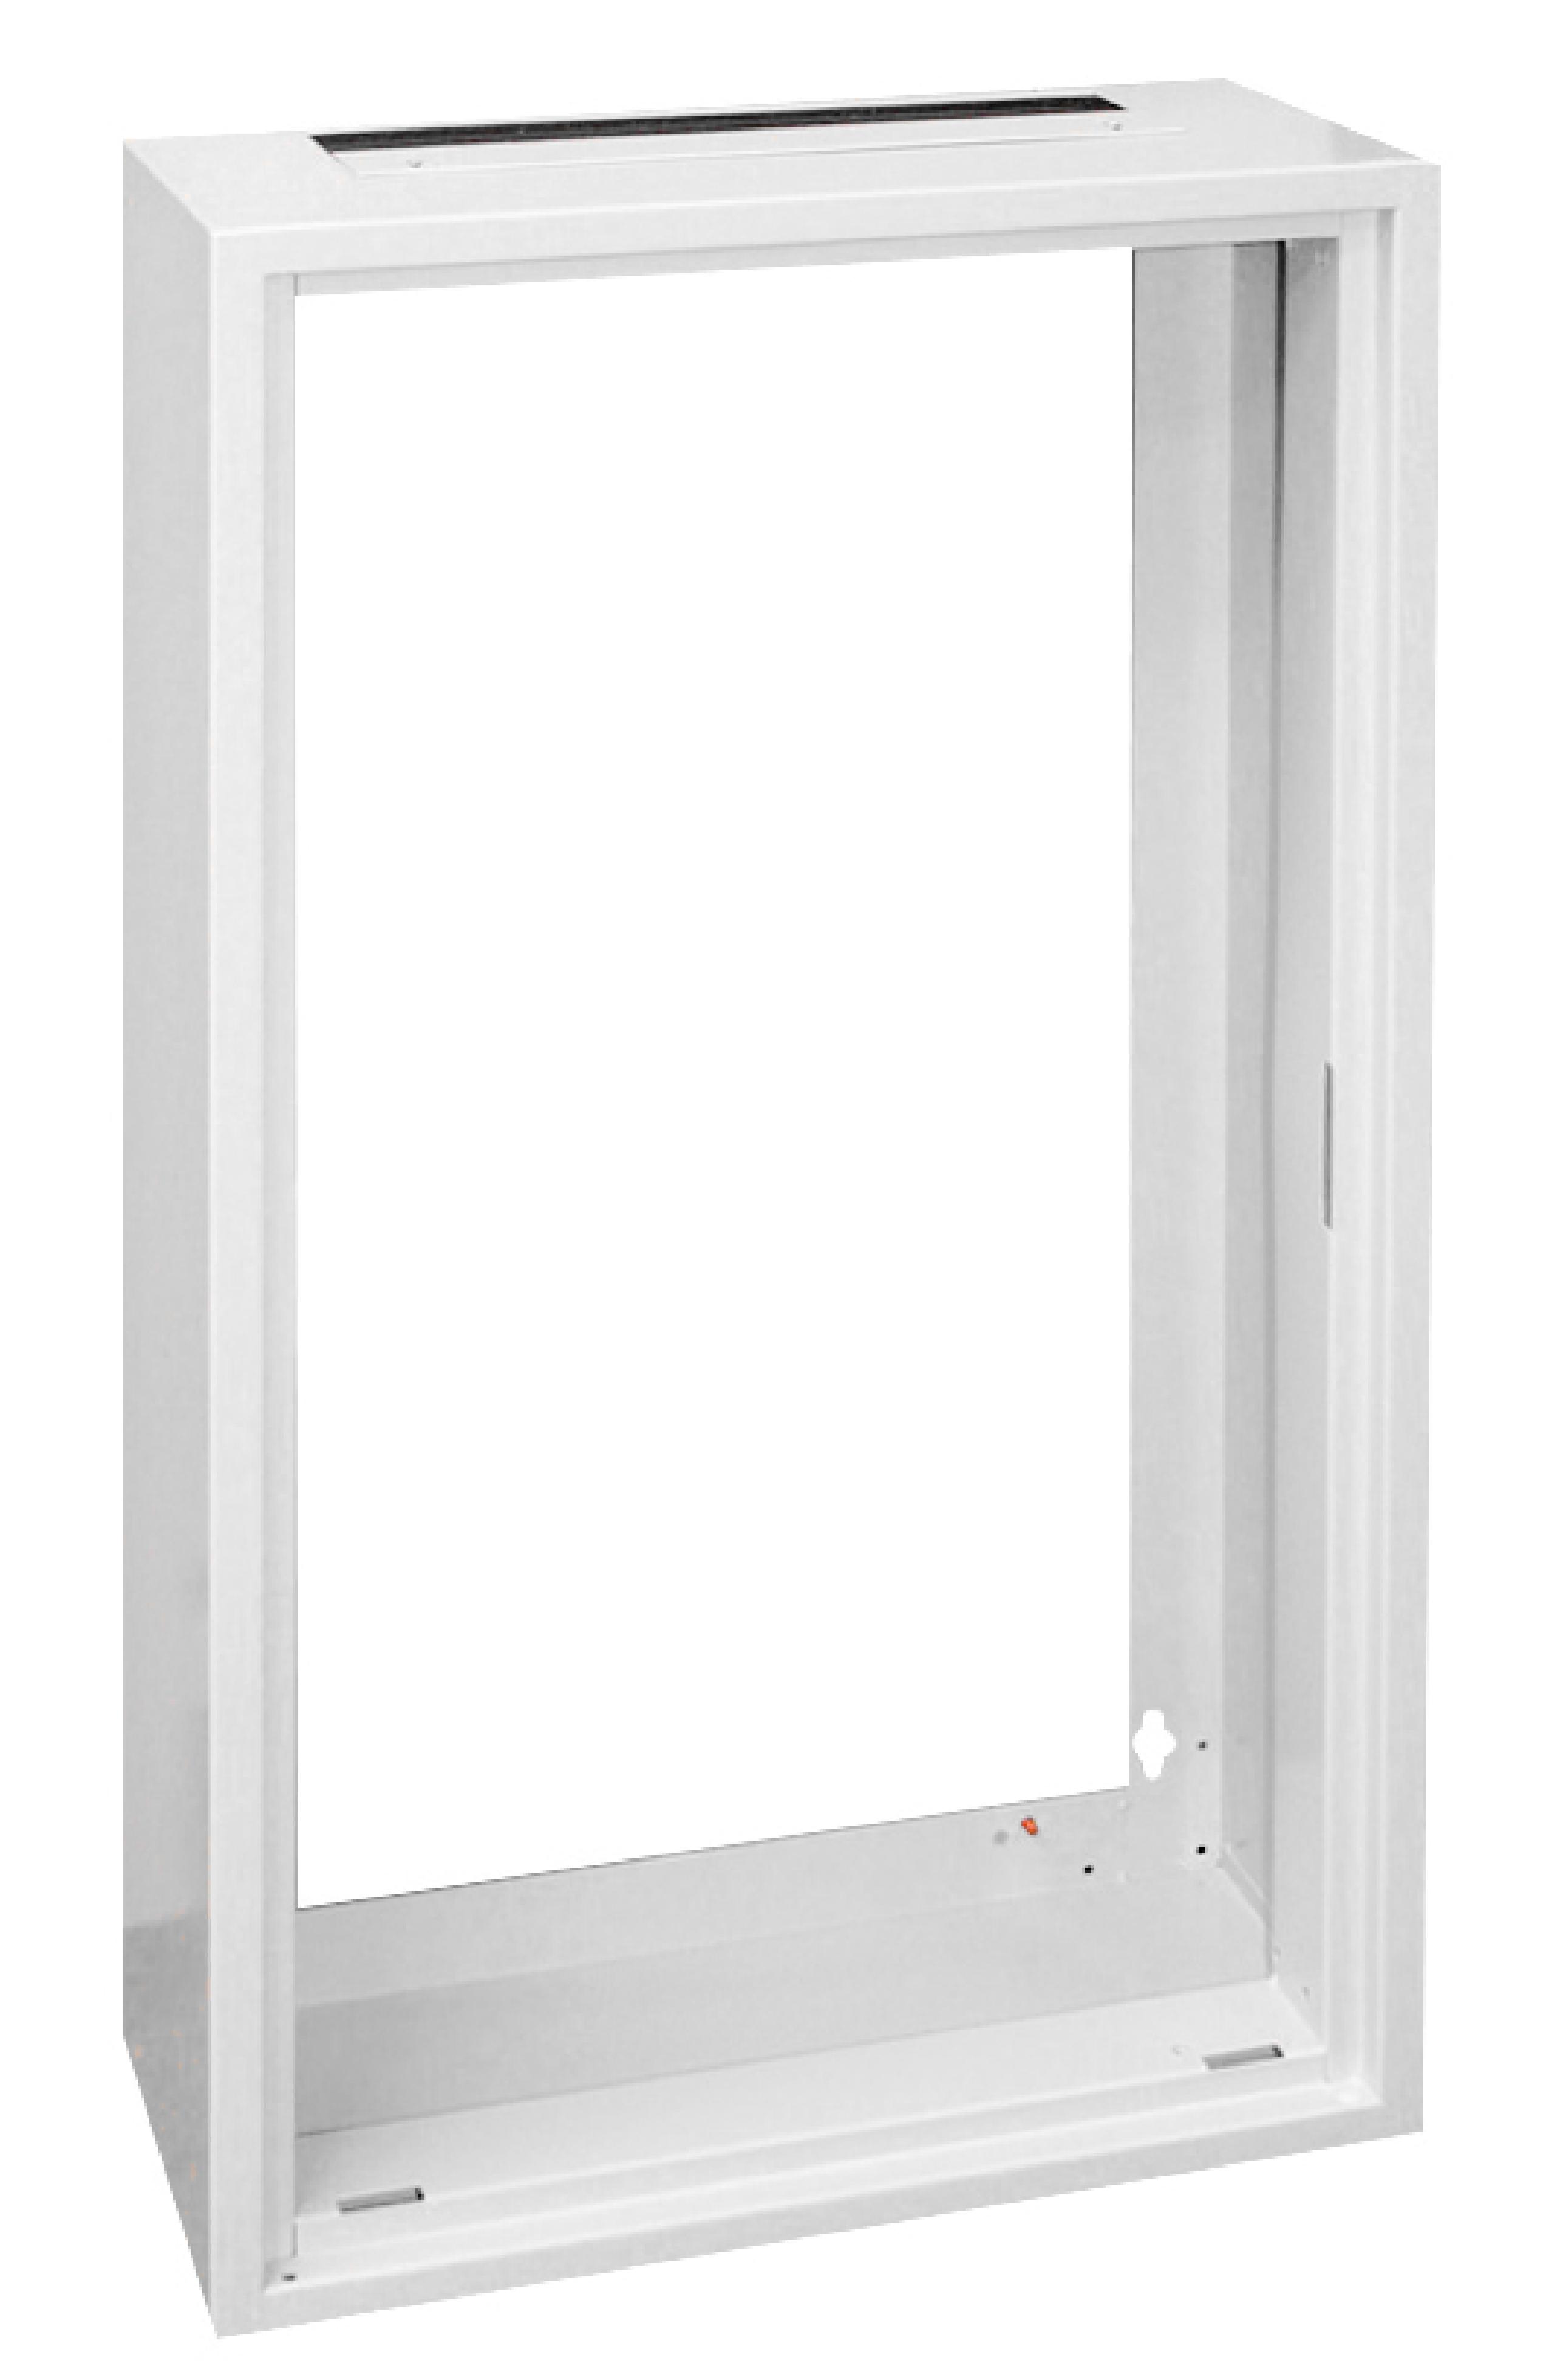 1 Stk AP-Rahmen ohne Türe und Rückwand 4A-28, H1380B1030T250mm IL001428-F